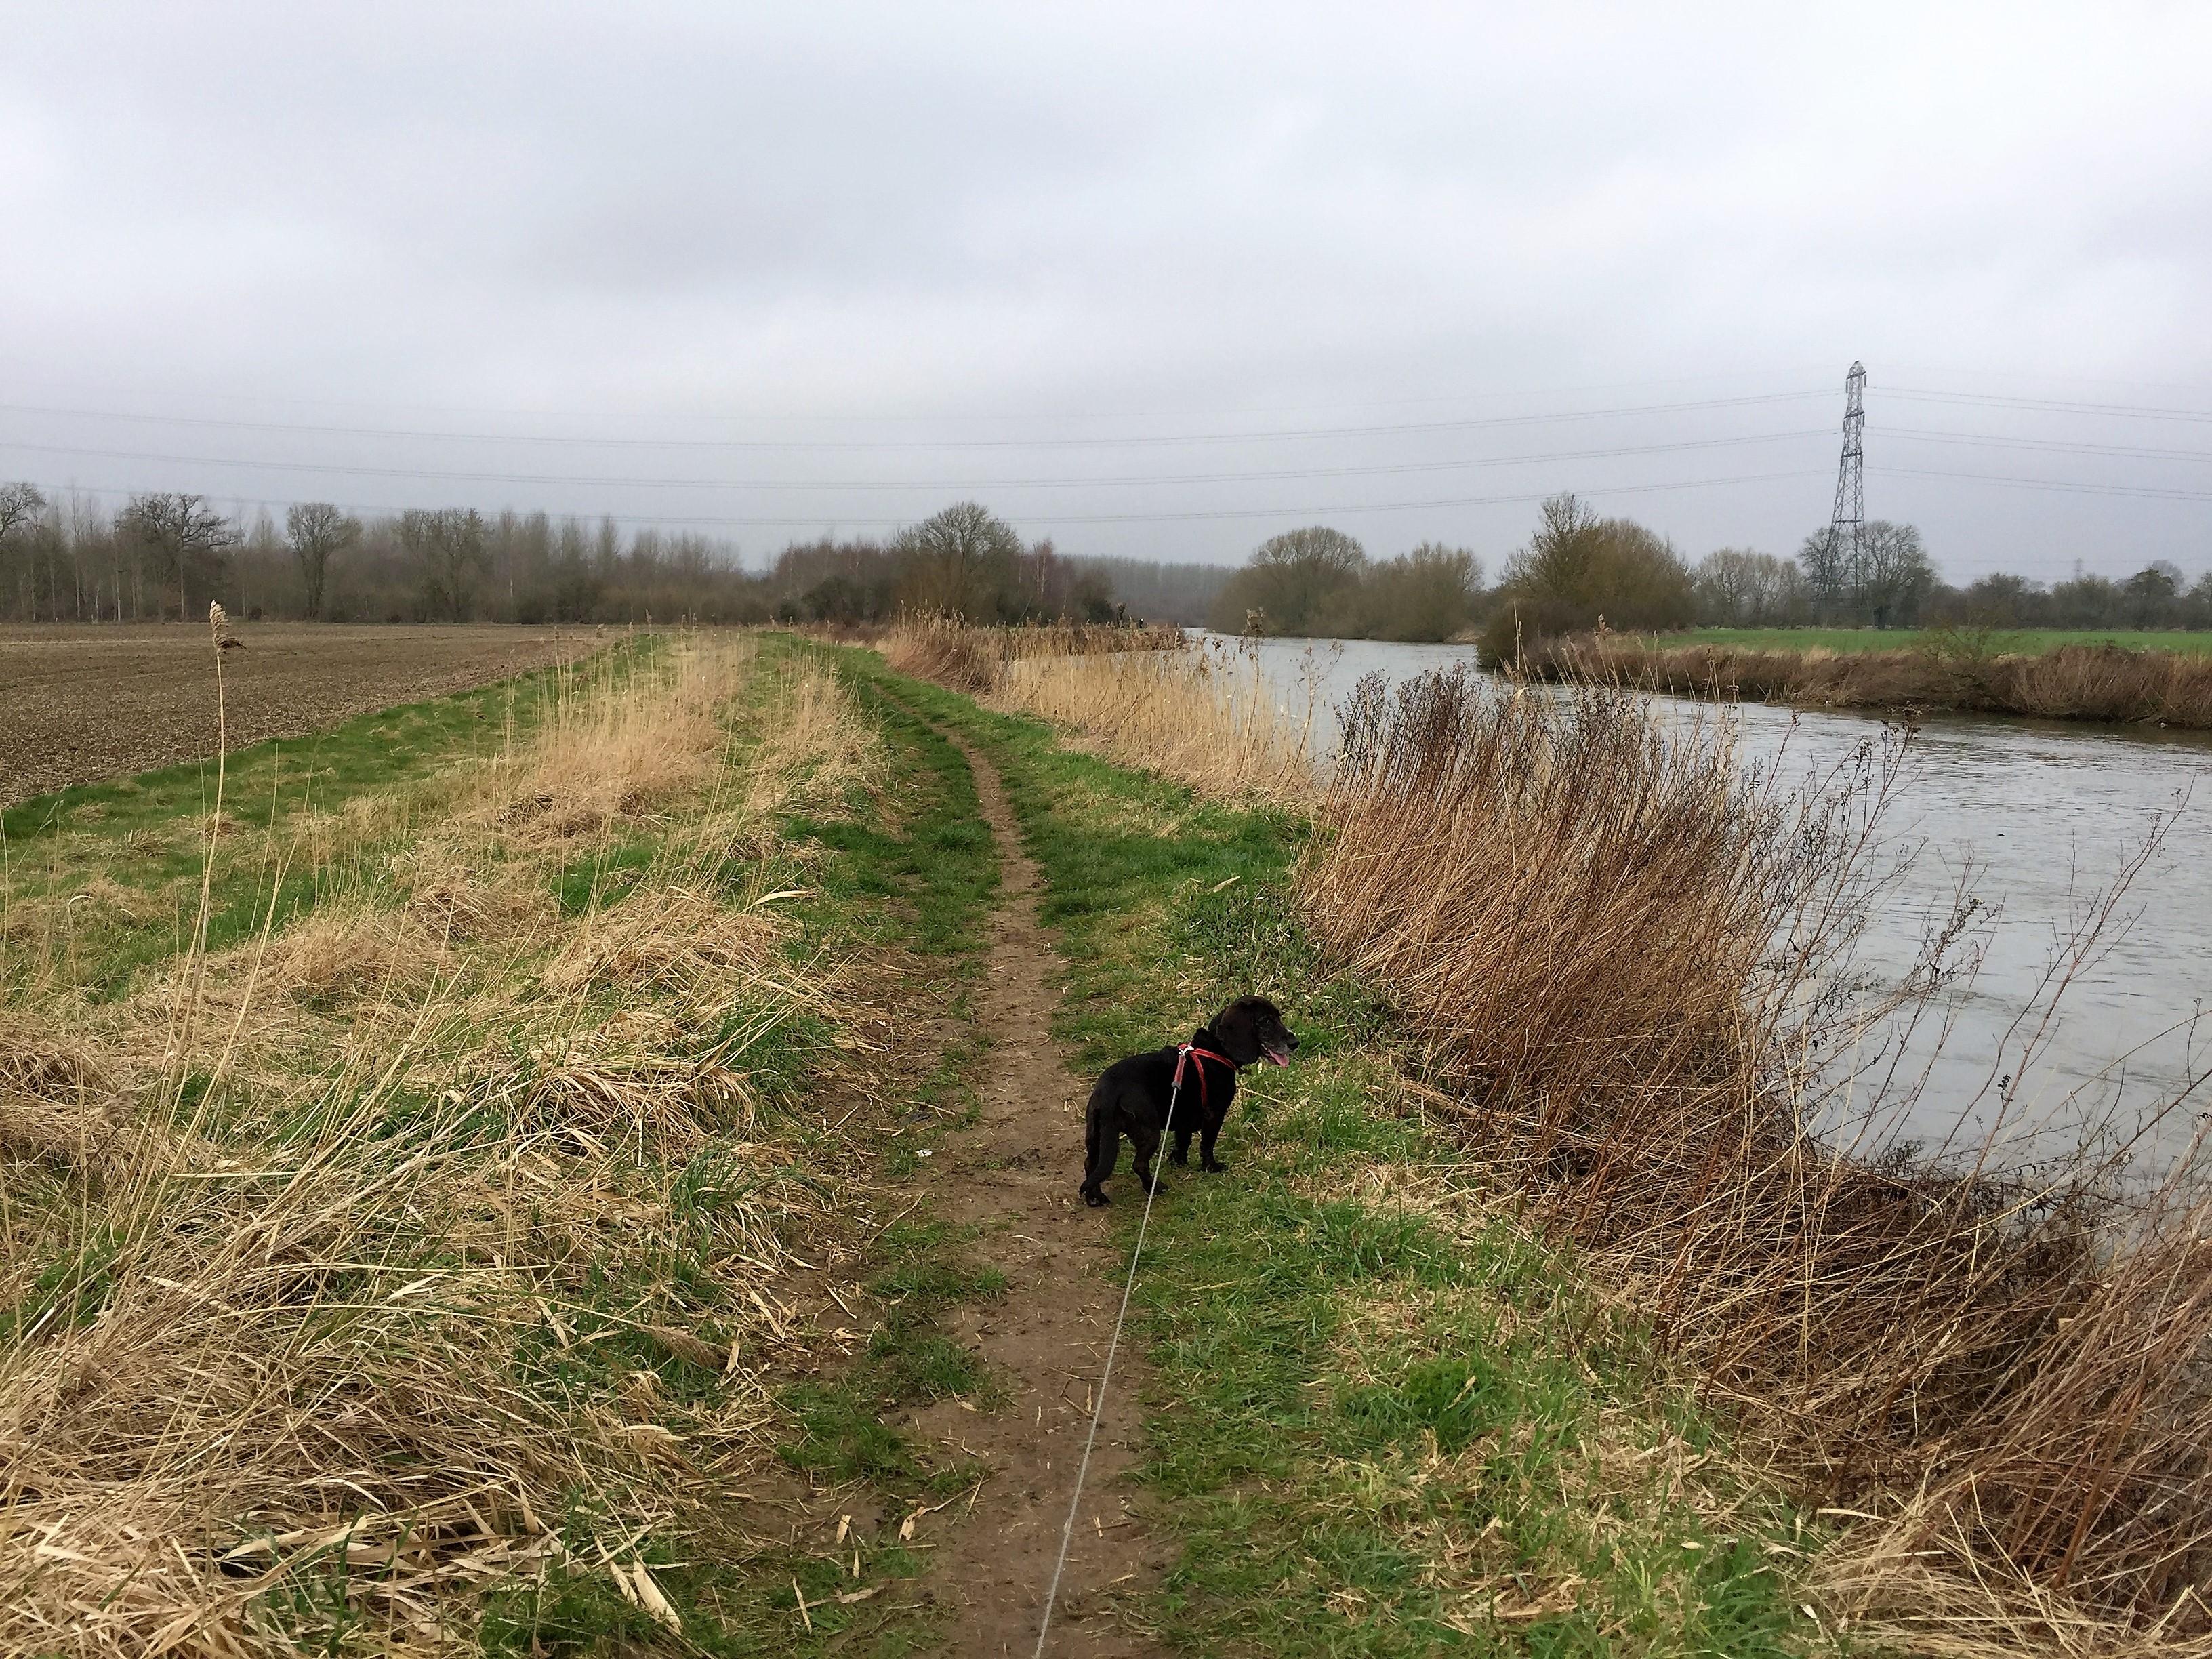 Poppydog on the Thames walk